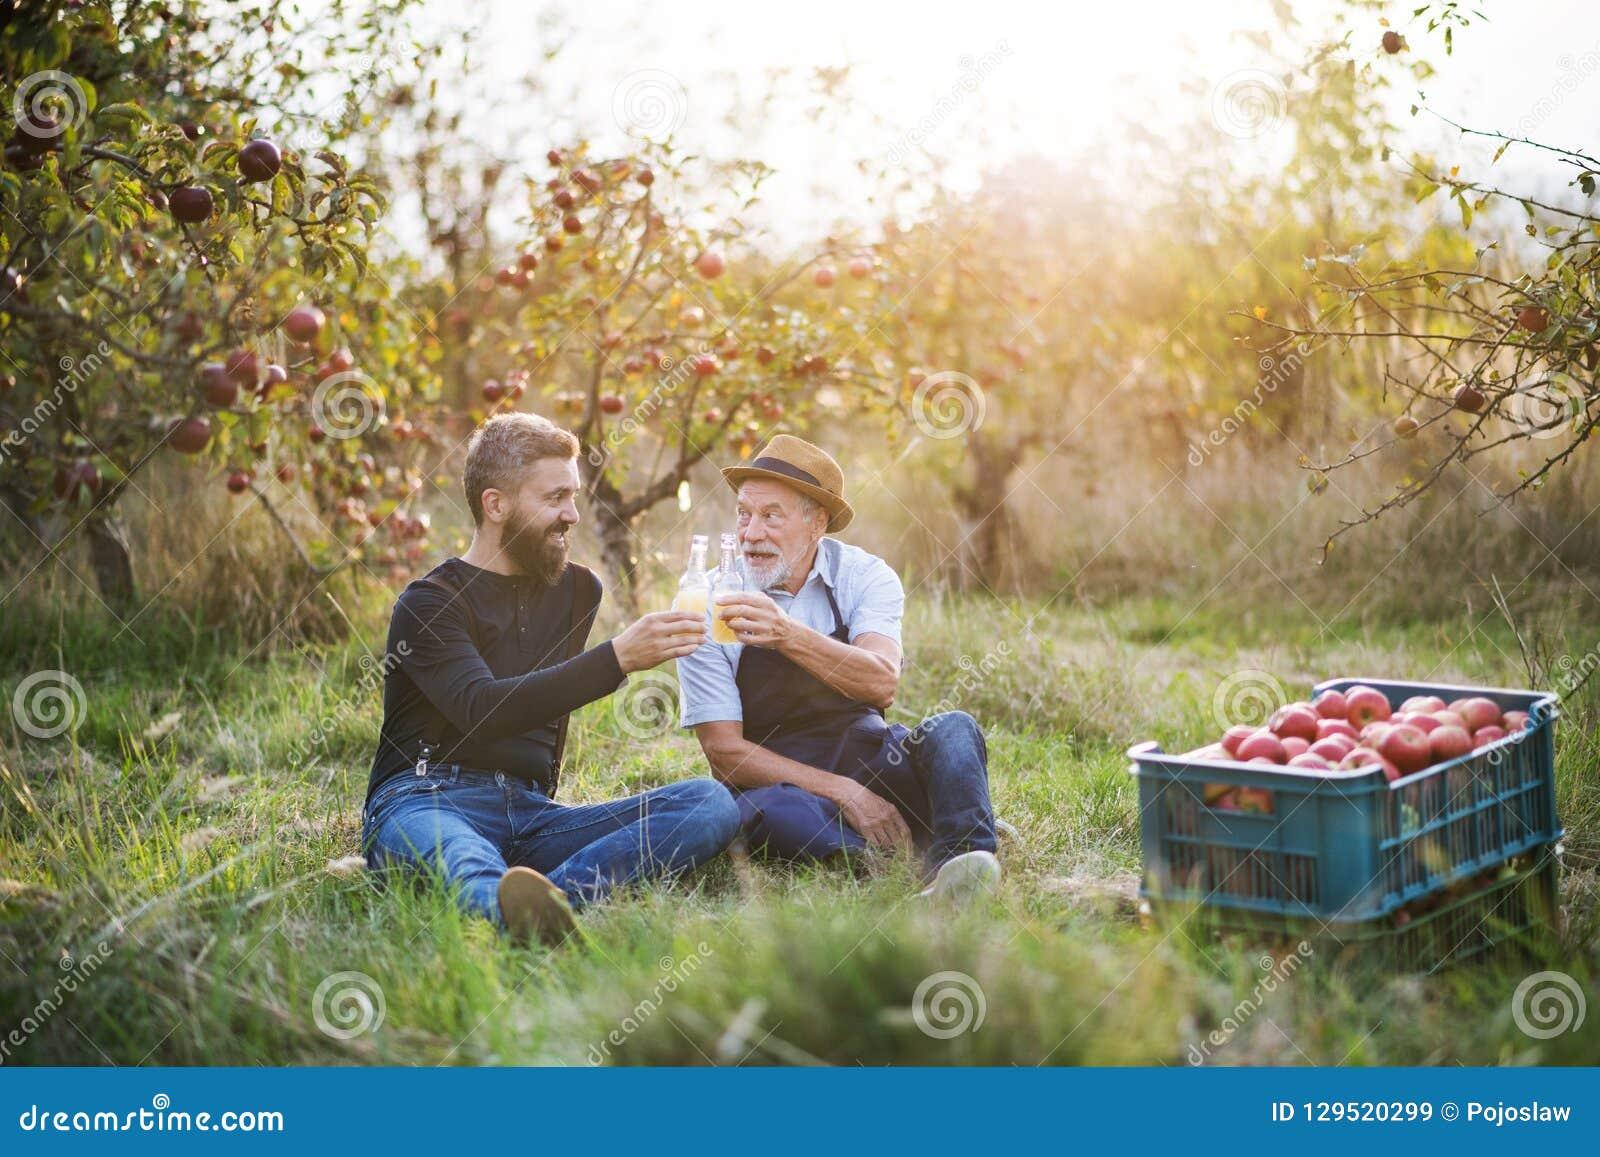 Ein älterer Mann mit dem erwachsenen Sohn, der Flaschen mit Apfelwein im Apfelgarten im Herbst hält